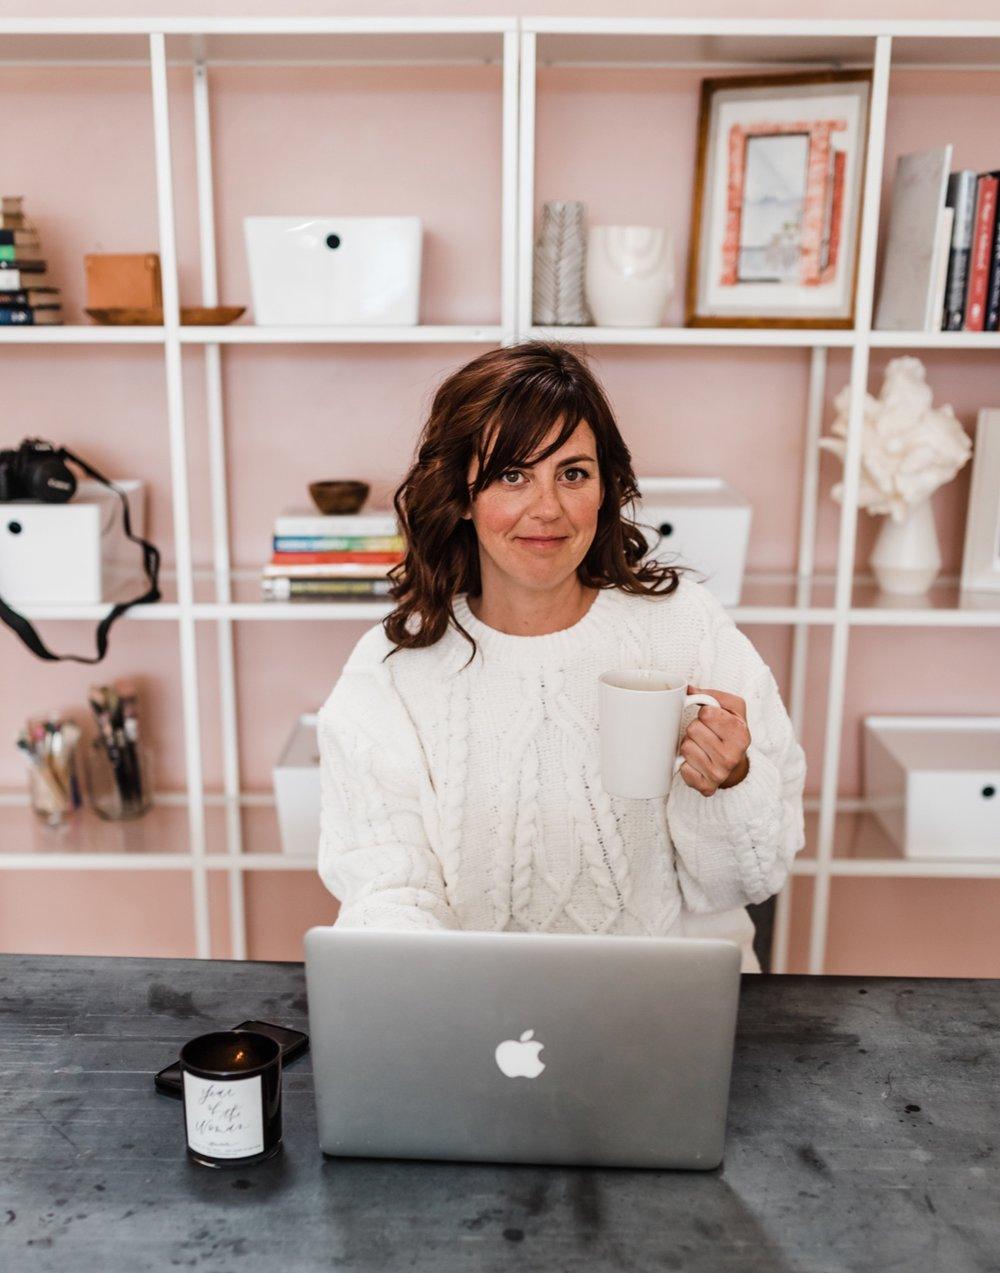 Katie+Saffert+-+Branding+Consultant+San+Diego